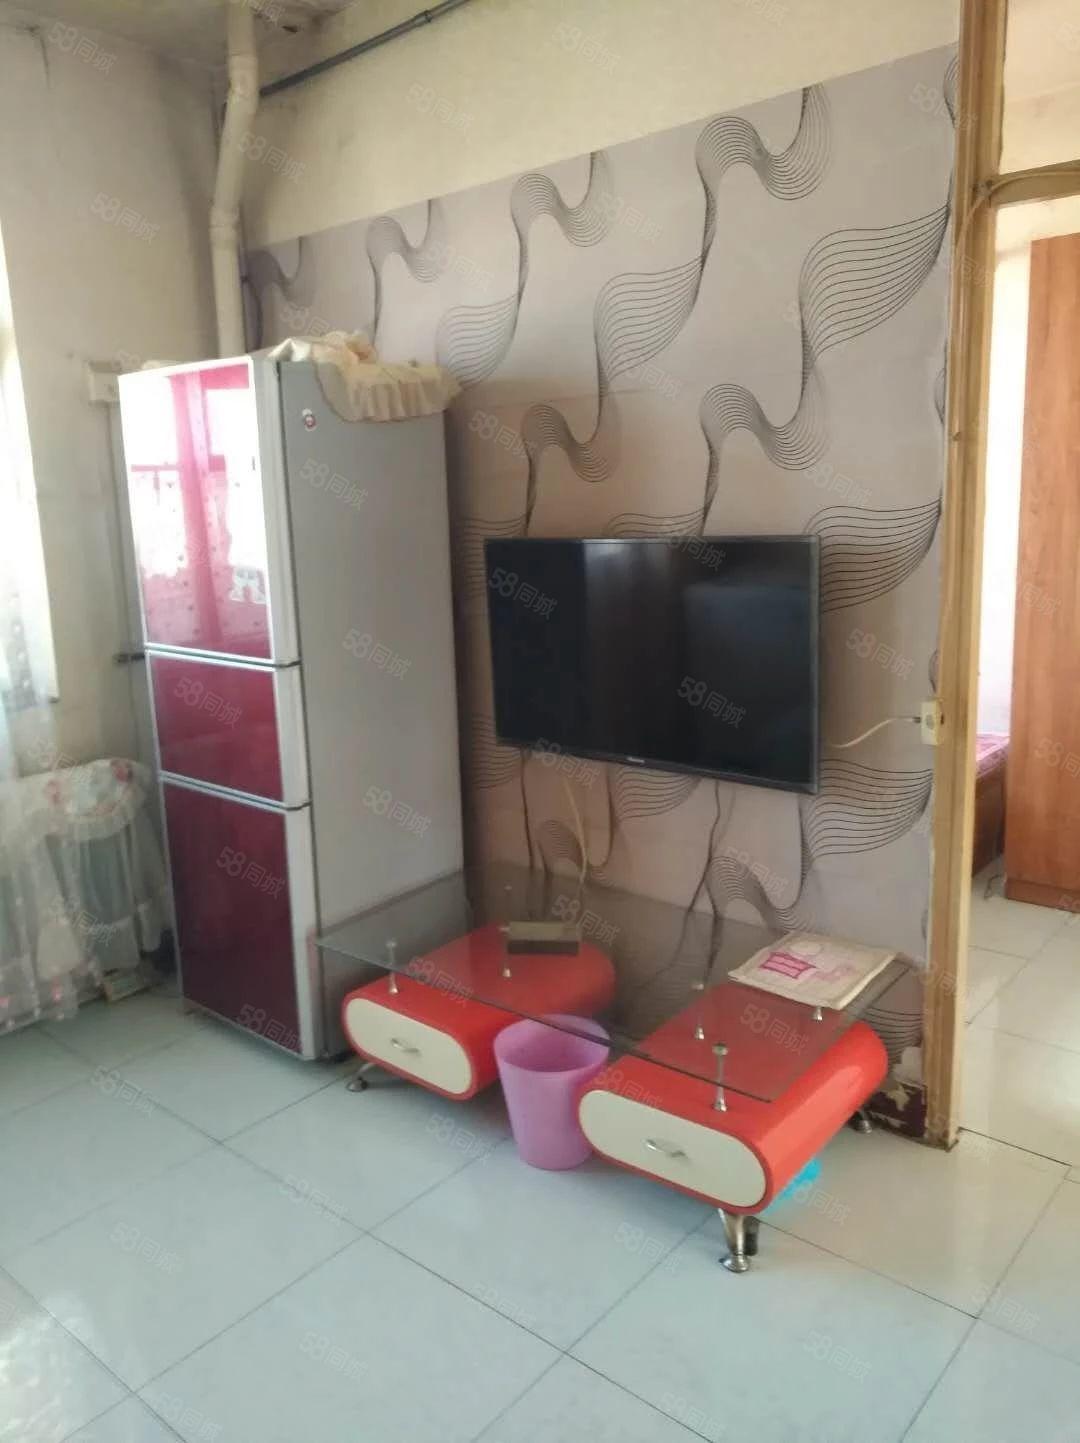 士英街兴居园精装修2室家具家电包取暖整洁干净拎包即住